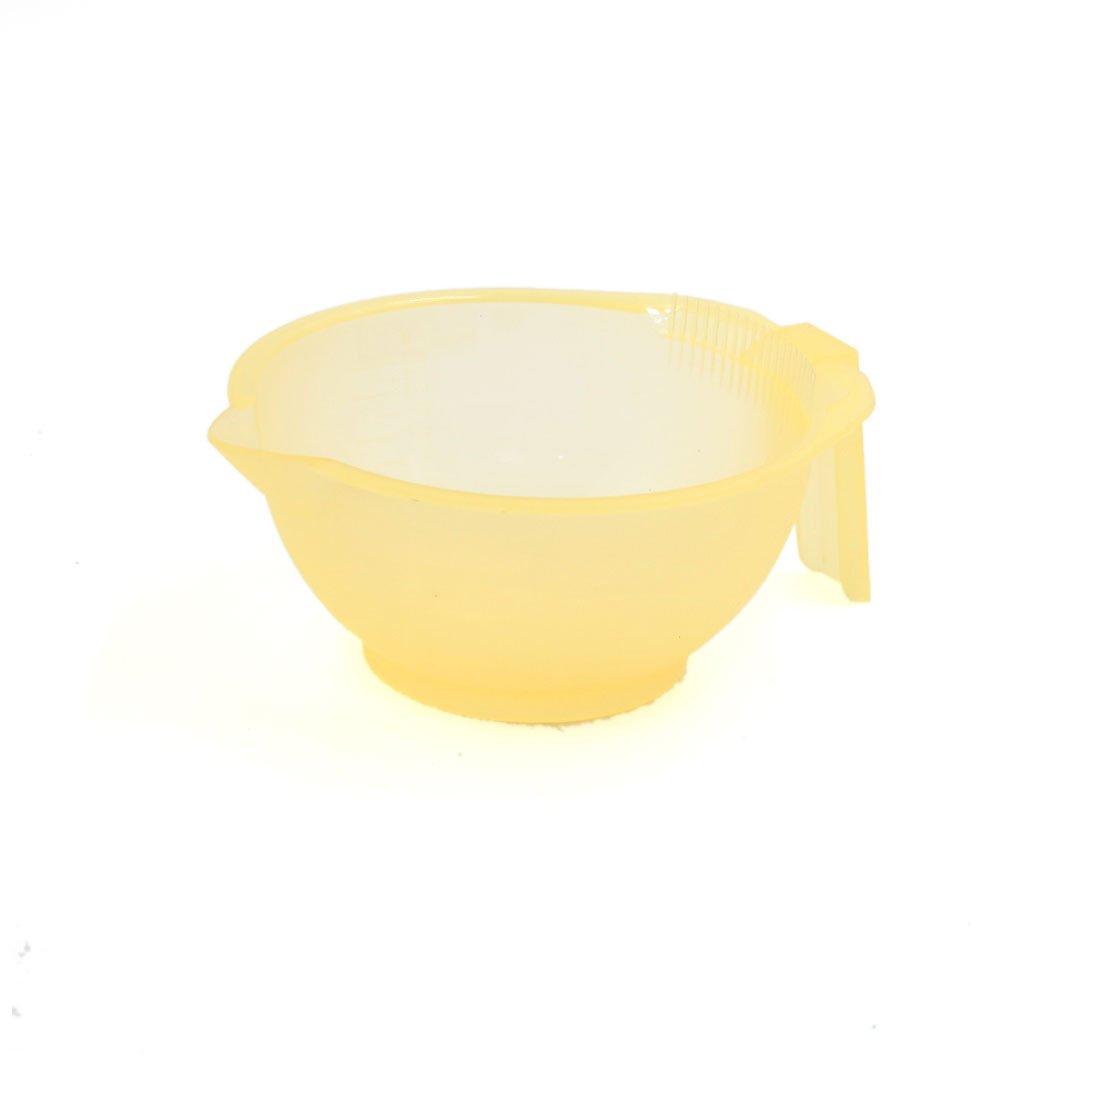 sourcingmap Poignée plastique jaune mélange Bol colorants outil coiffage translucide a17022400ux0301